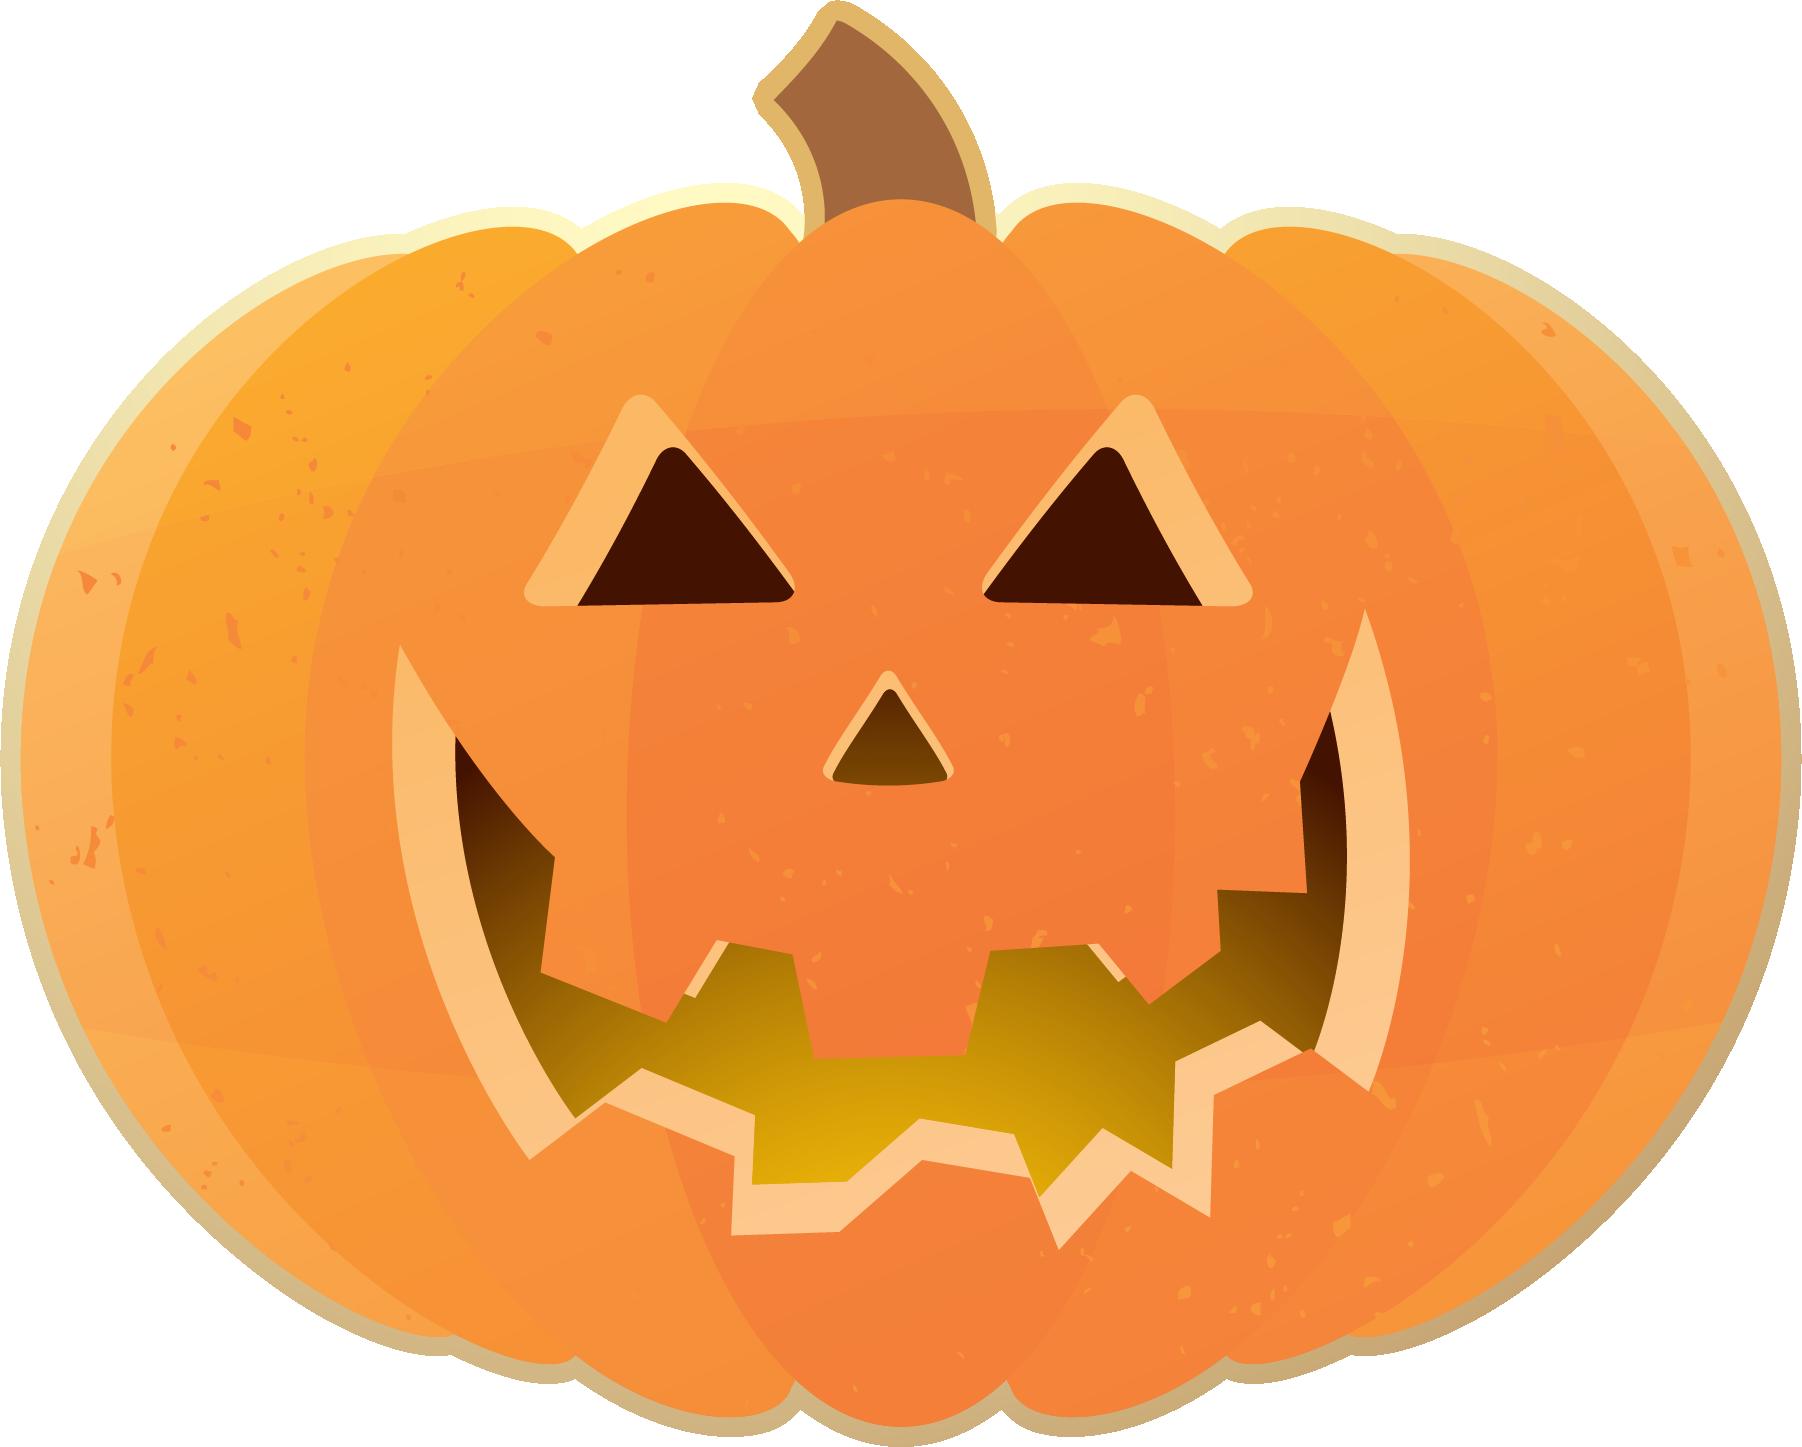 1802x1447 Pumpkin Clip Art 8